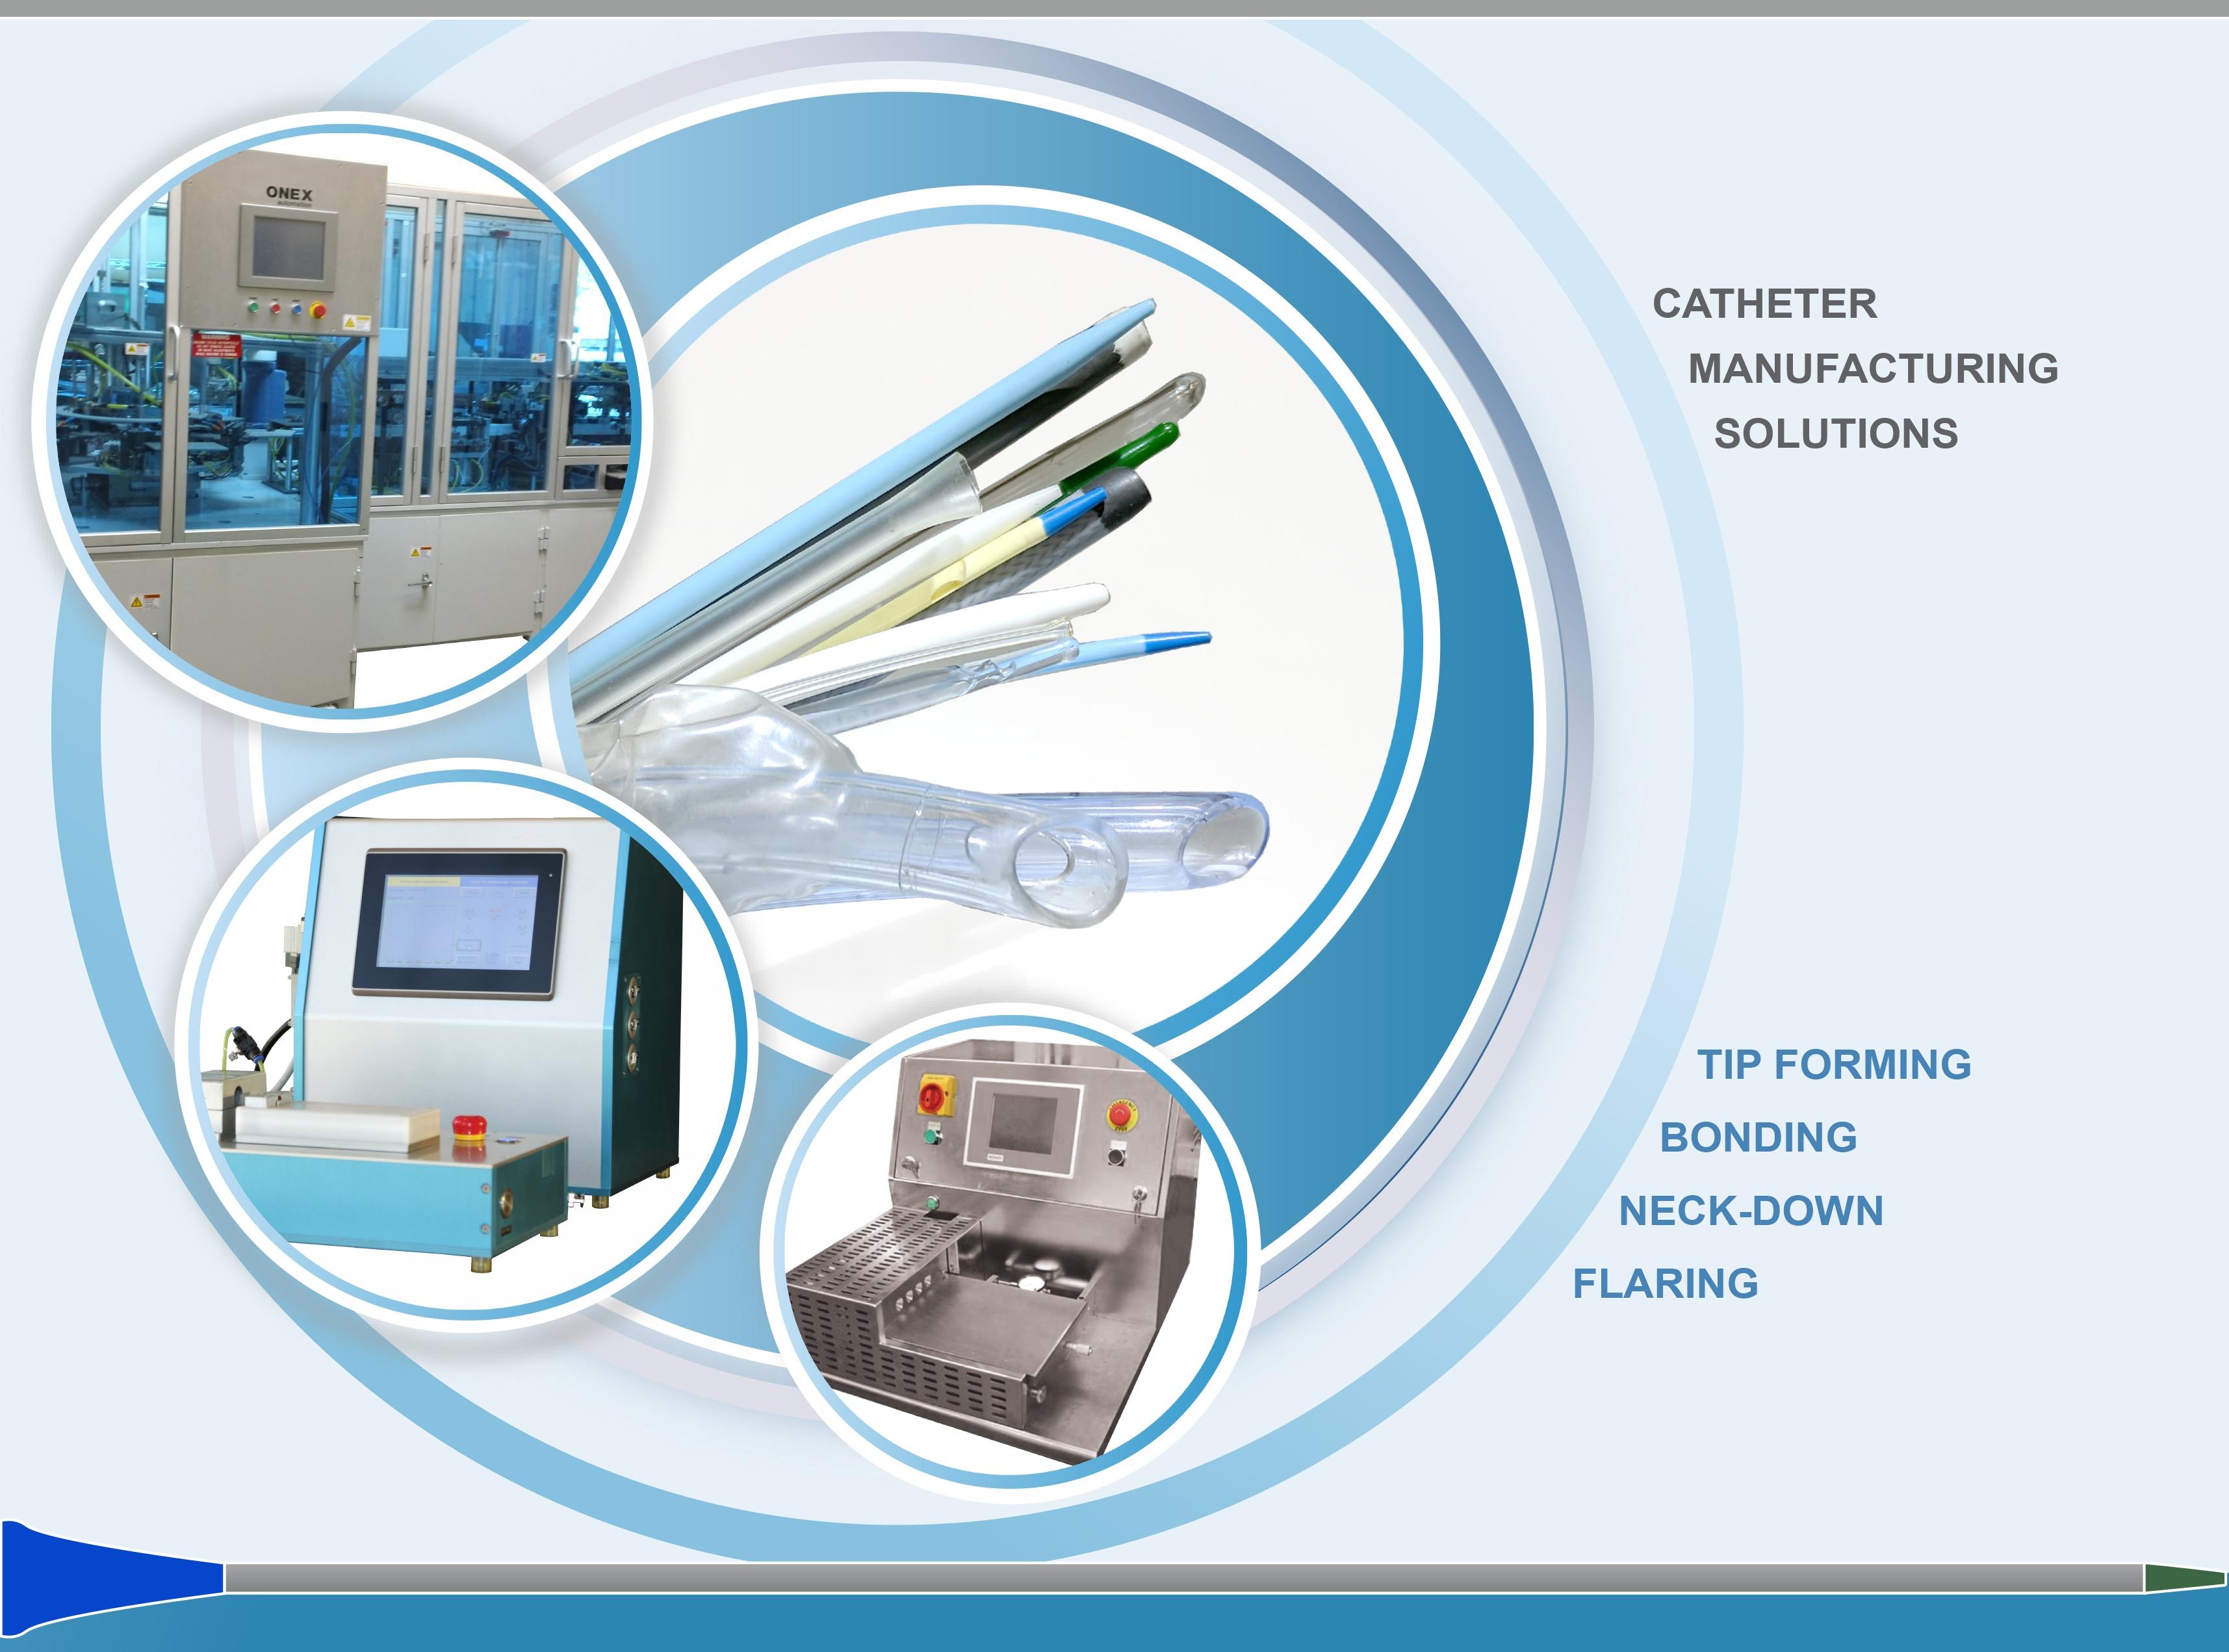 Catheter-RF-Tip-Forming-Soft-Tip-Bonding-Systems